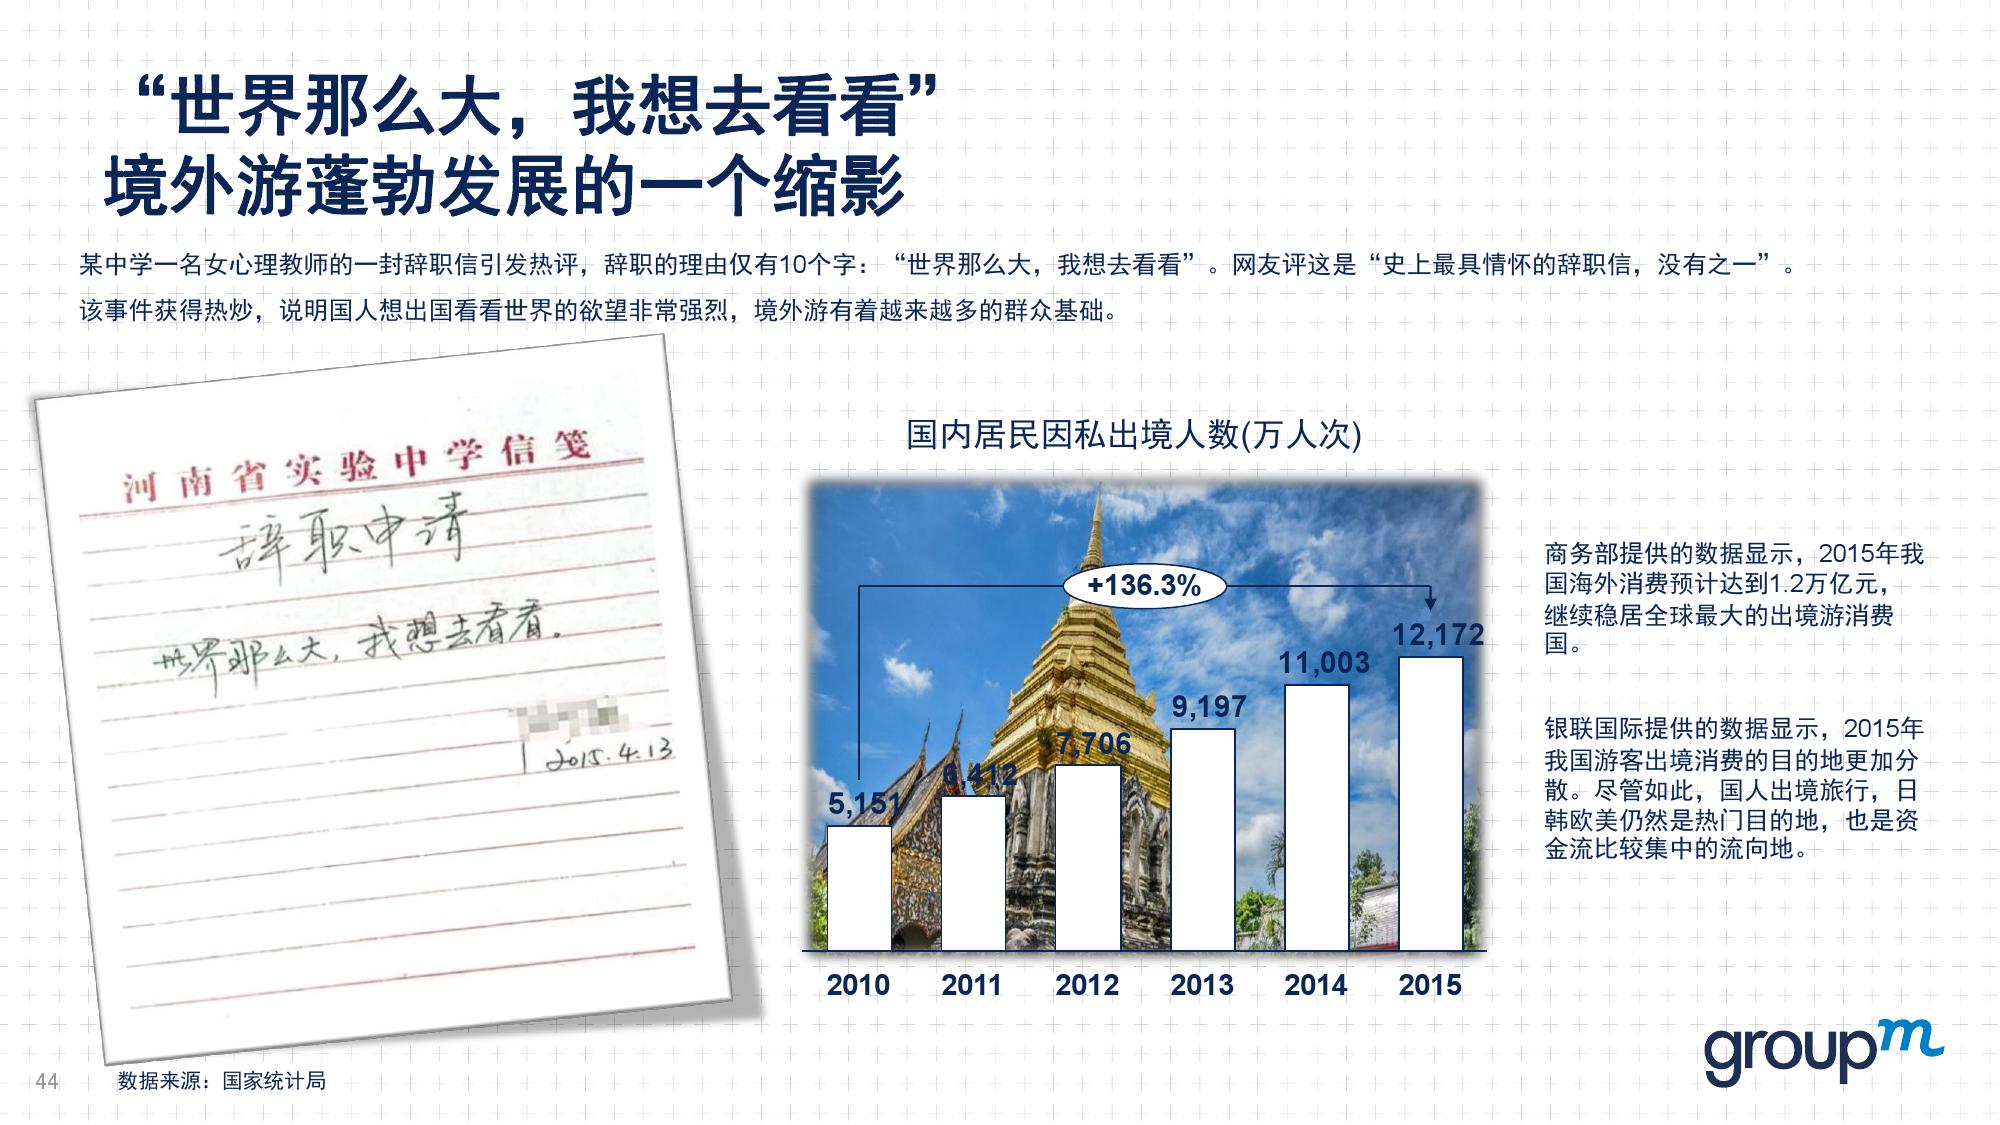 赢在中国2016:从需求刺激转向供给侧改革_000044